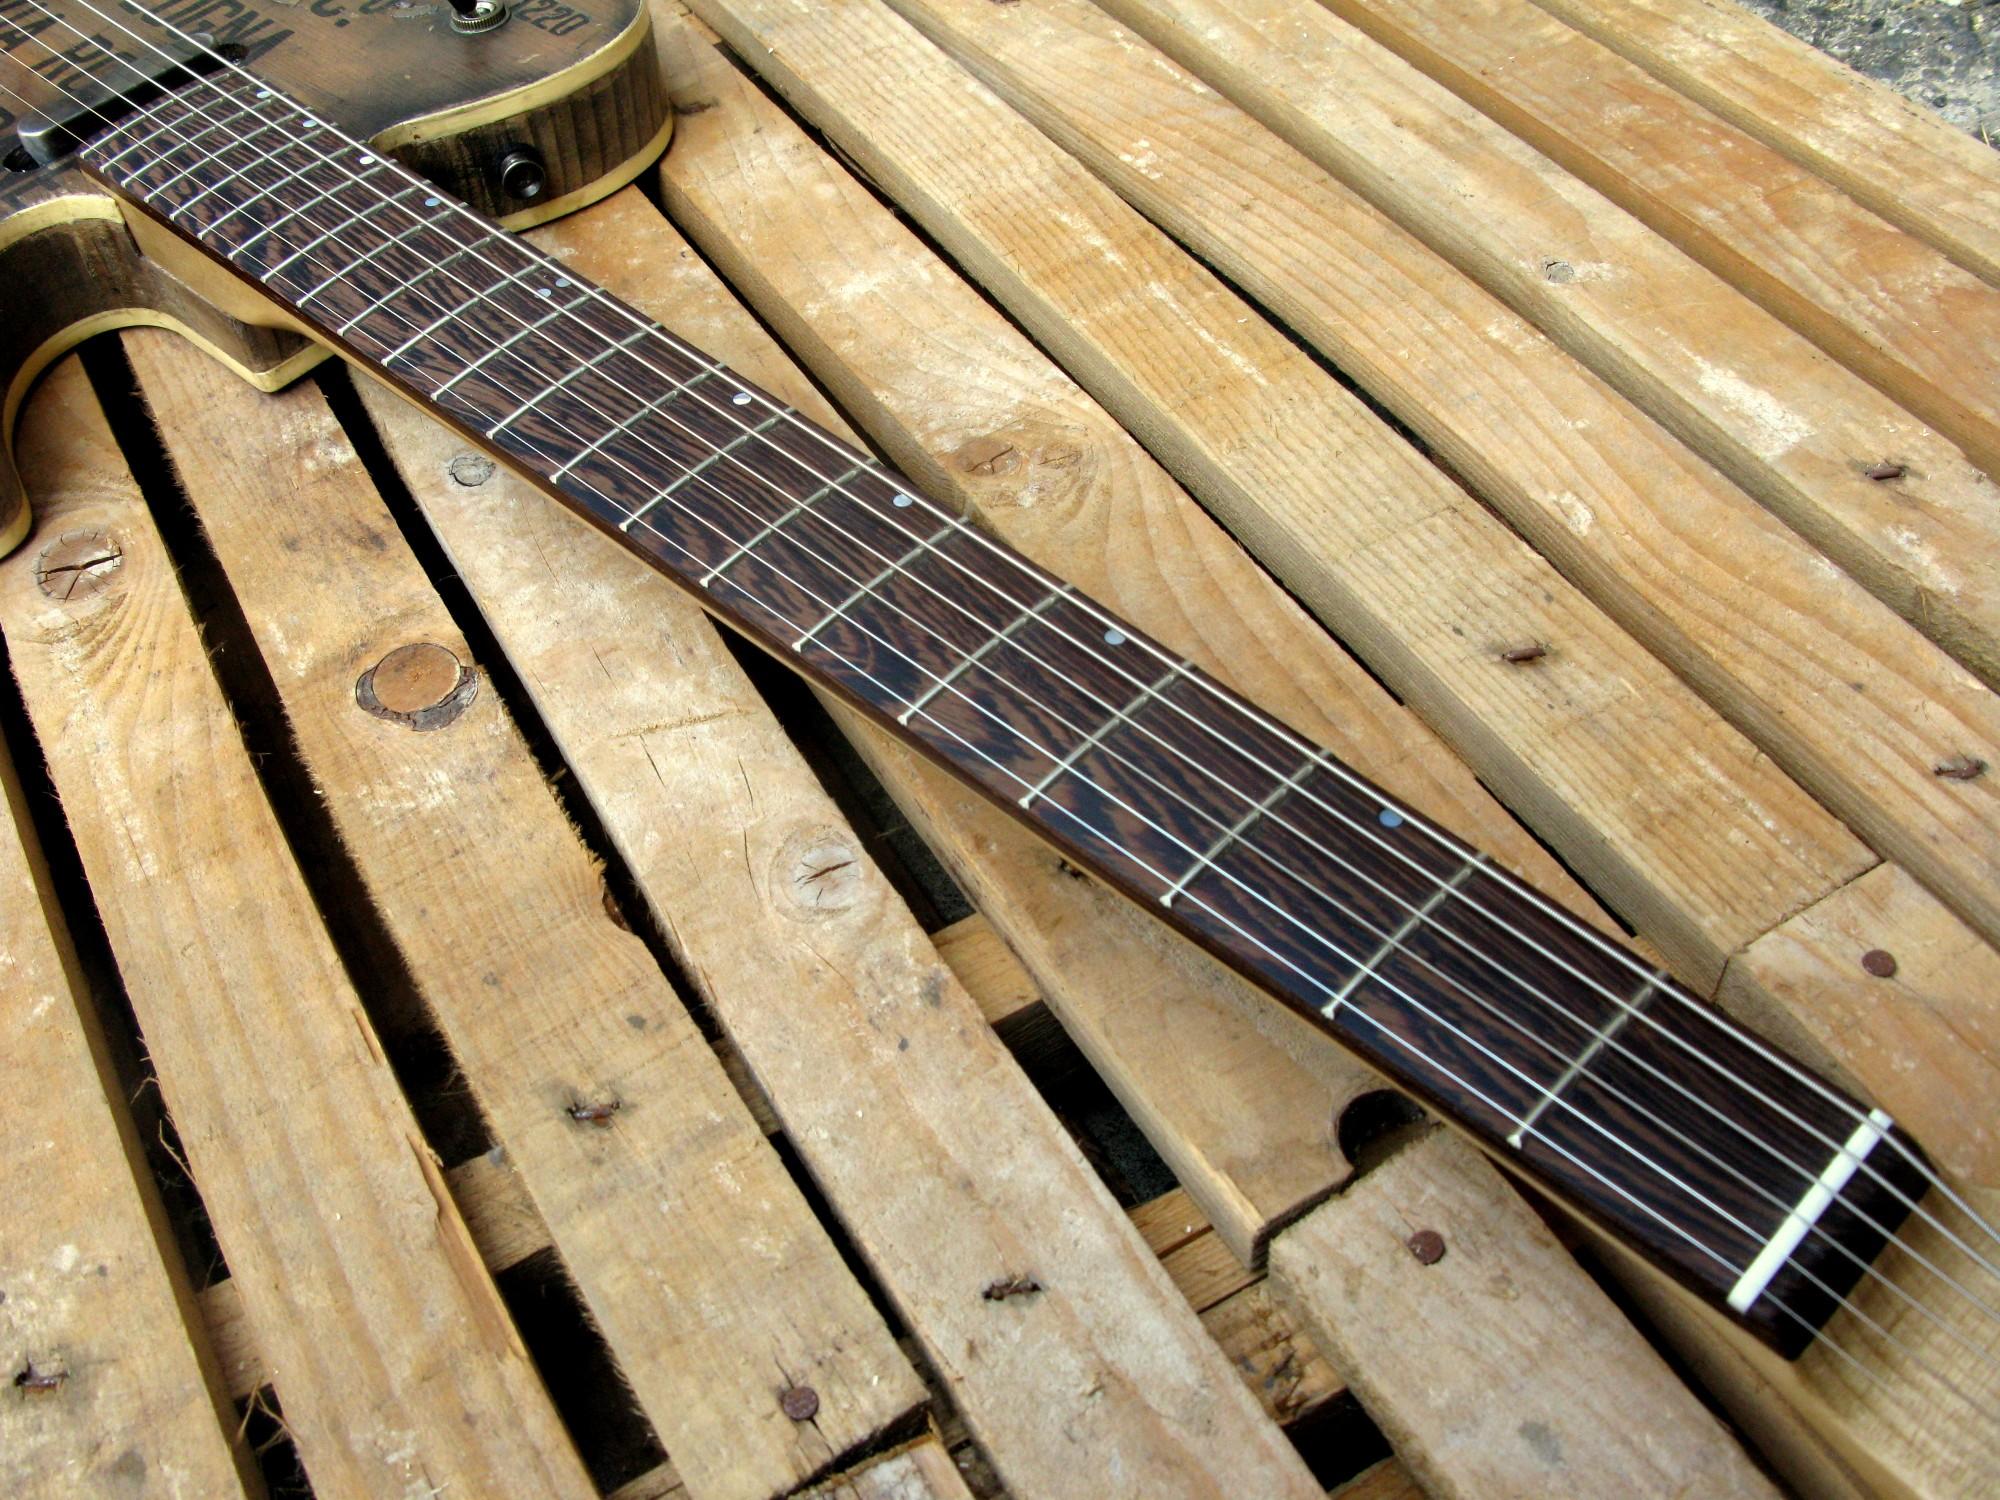 Tastiera in wenge di una chitarra elettrica baritono modello Telecaster con top ricavato da una vecchia cassetta di polvere da sparo